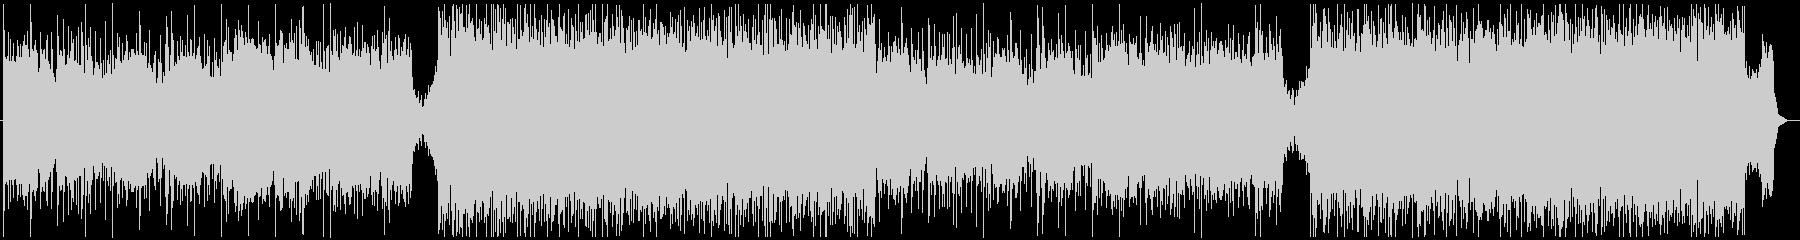 サスペンス 緊張感のあるエレクトロの未再生の波形